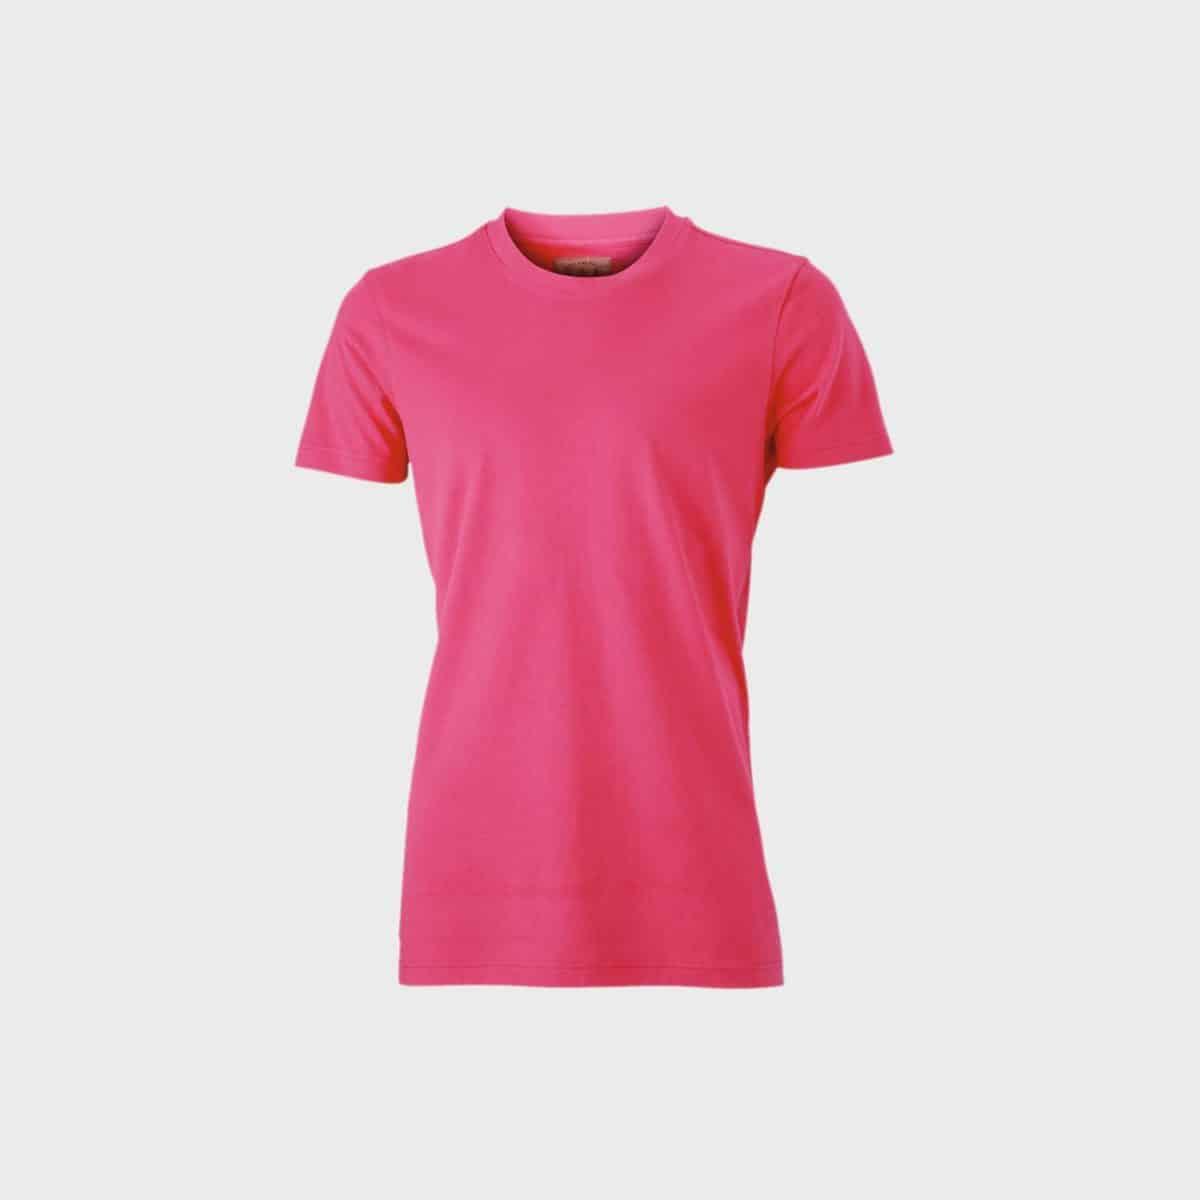 vintage-t-shirt-herren-pink-kaufen-besticken_stickmanufaktur